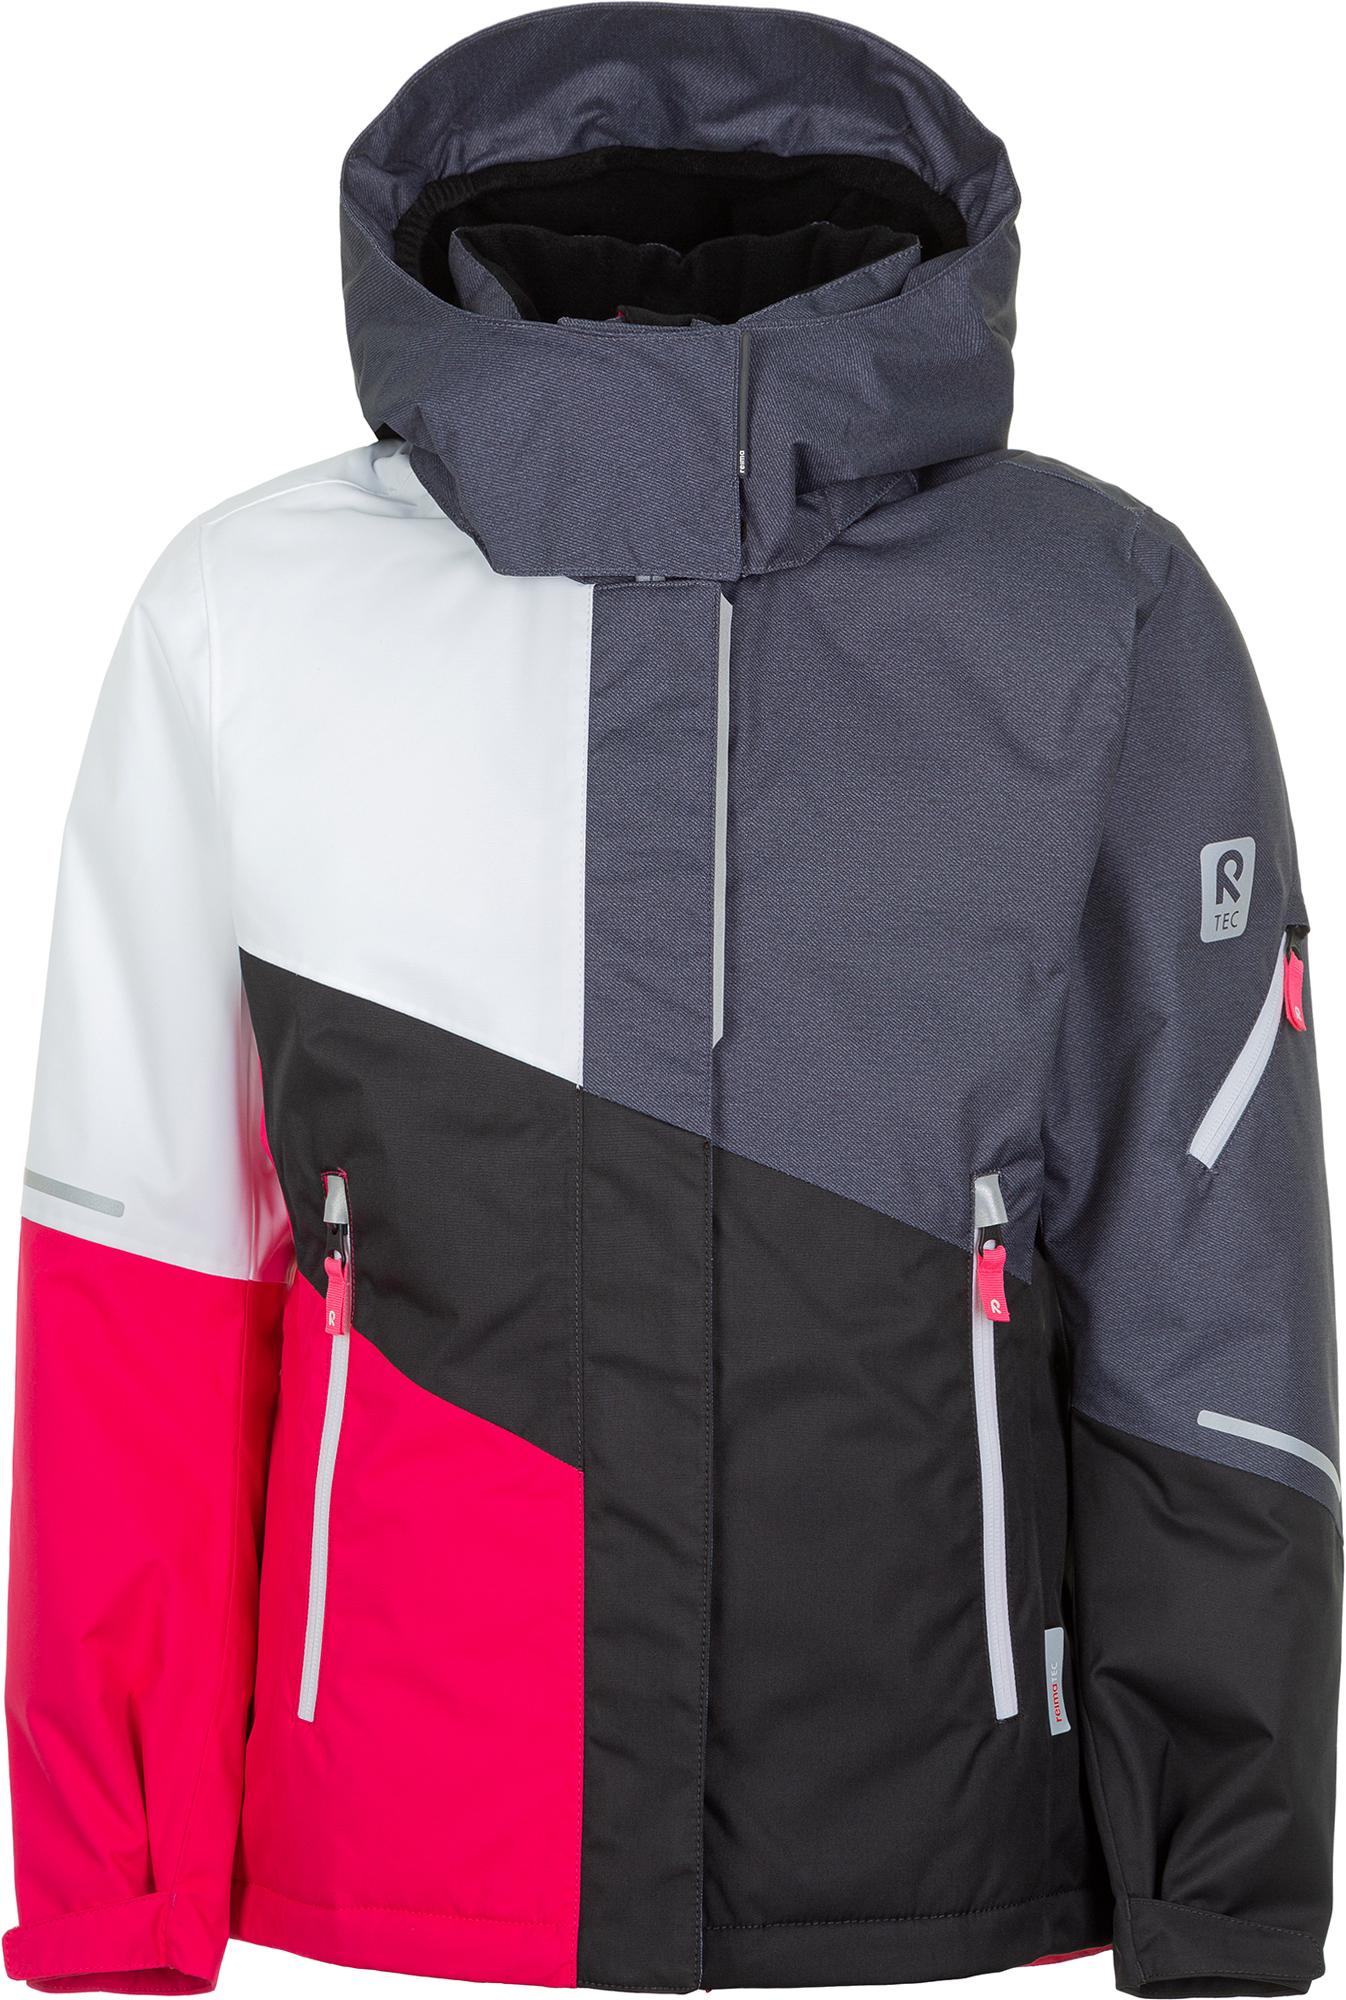 Reima Куртка утепленная для девочек Seal, размер 158